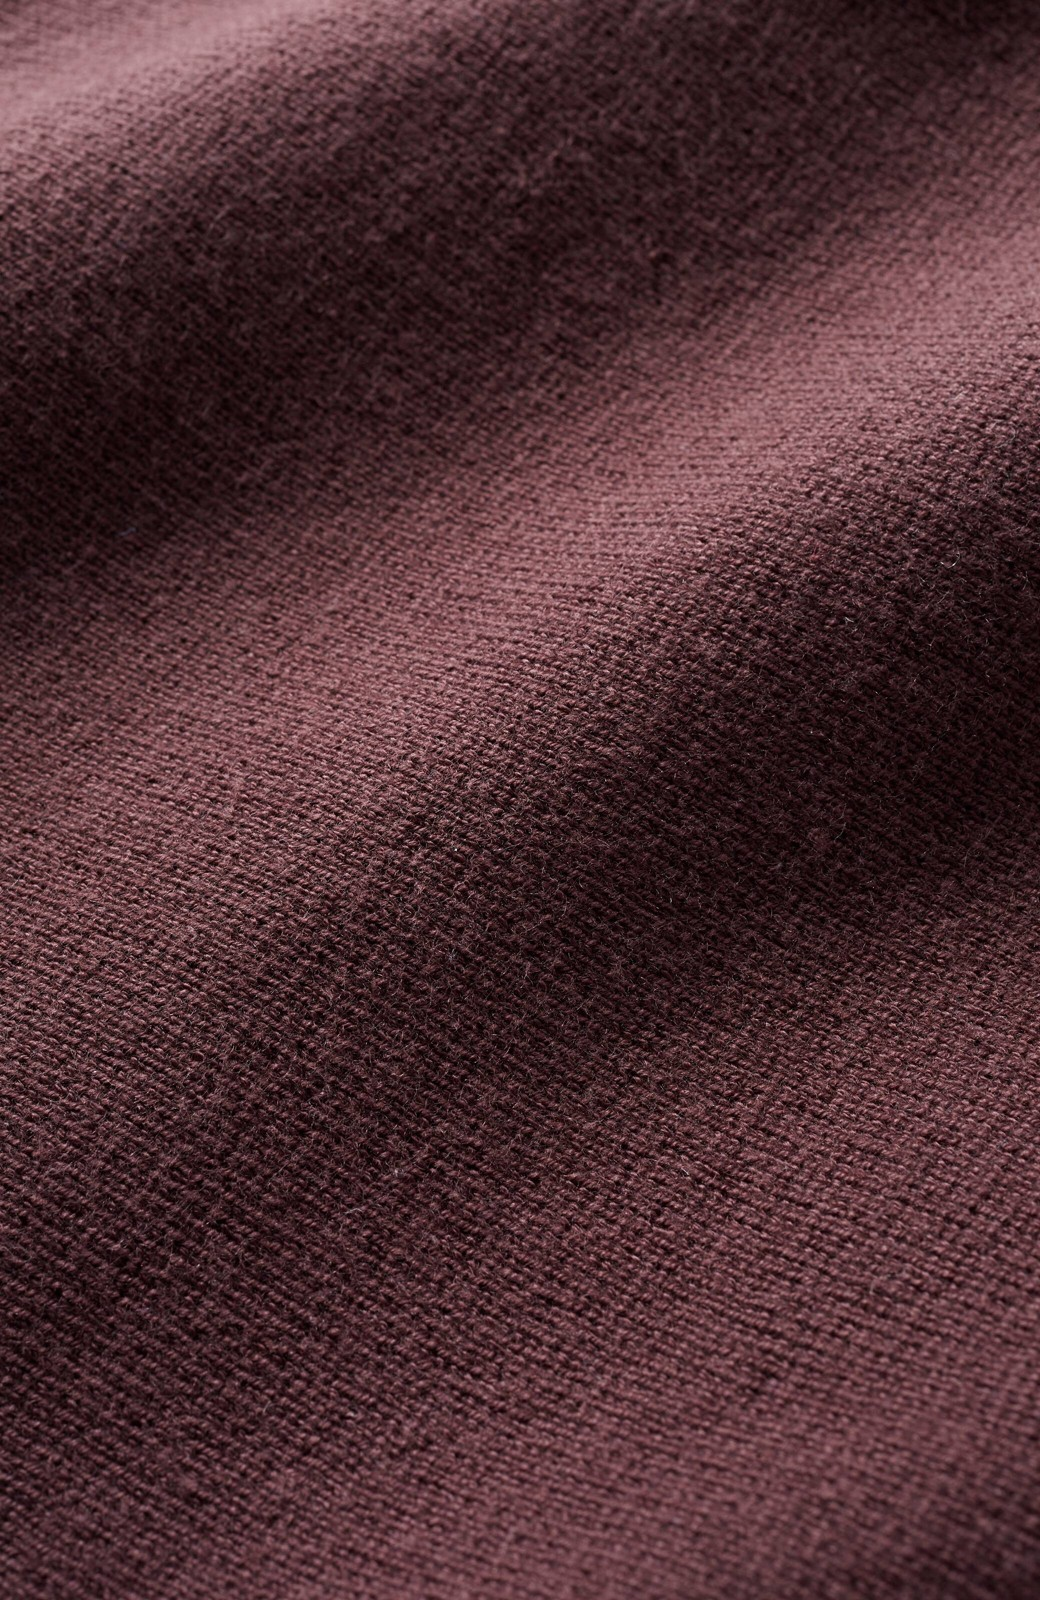 haco! 長ーーい季節着られてきちんとみせてくれる 便利なミラノリブニット <ブラウン>の商品写真3